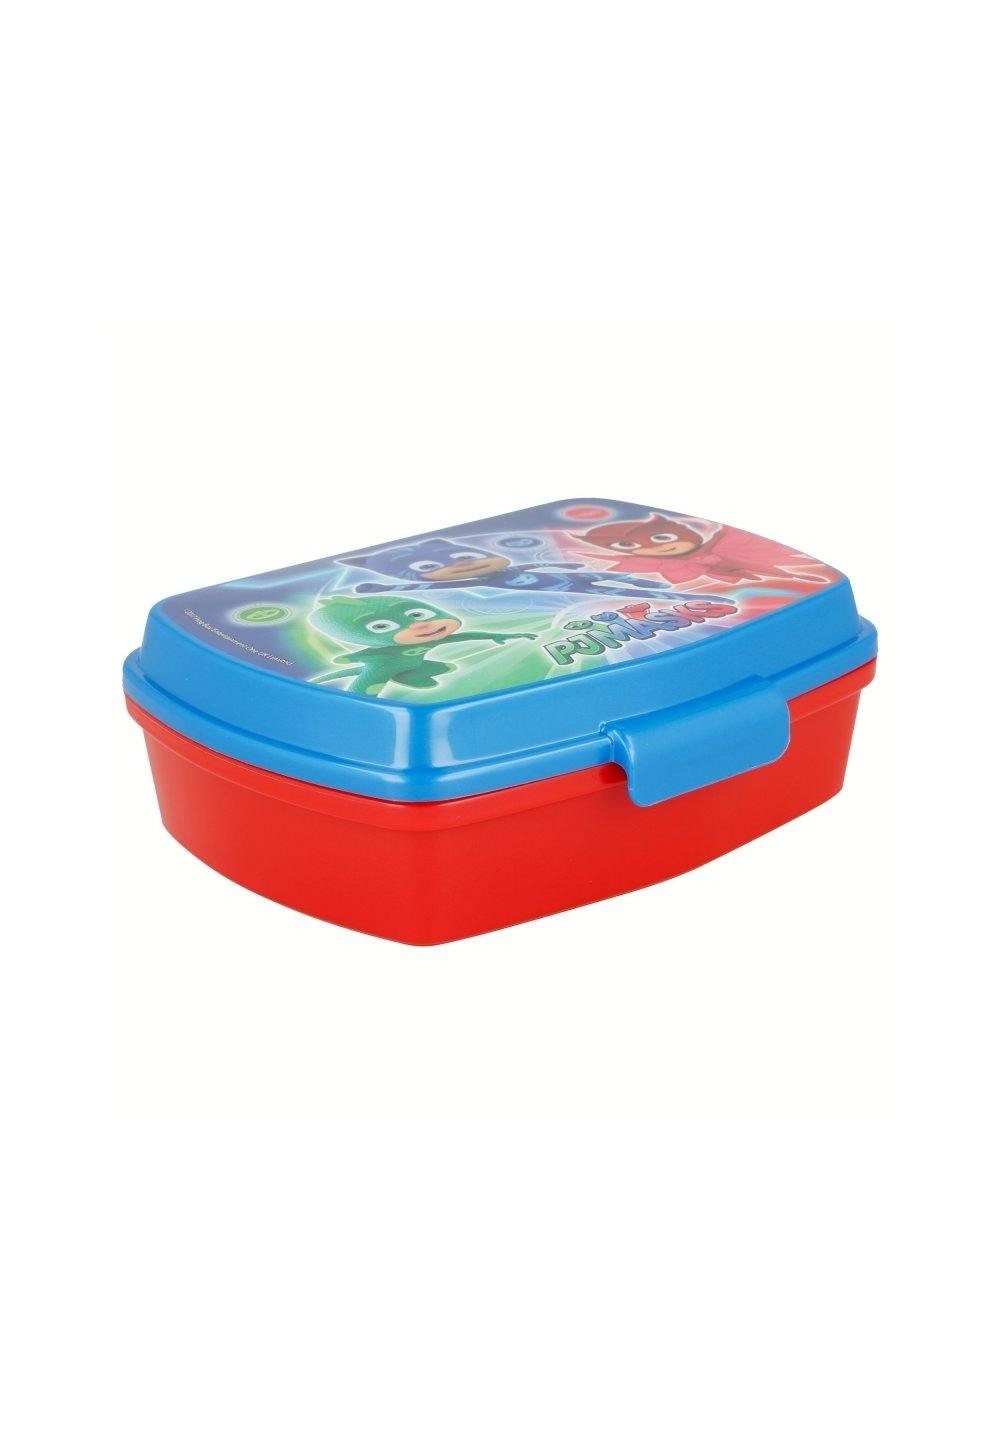 Cutie alimentara, rosu cu albastru, Eroii in pijama imagine